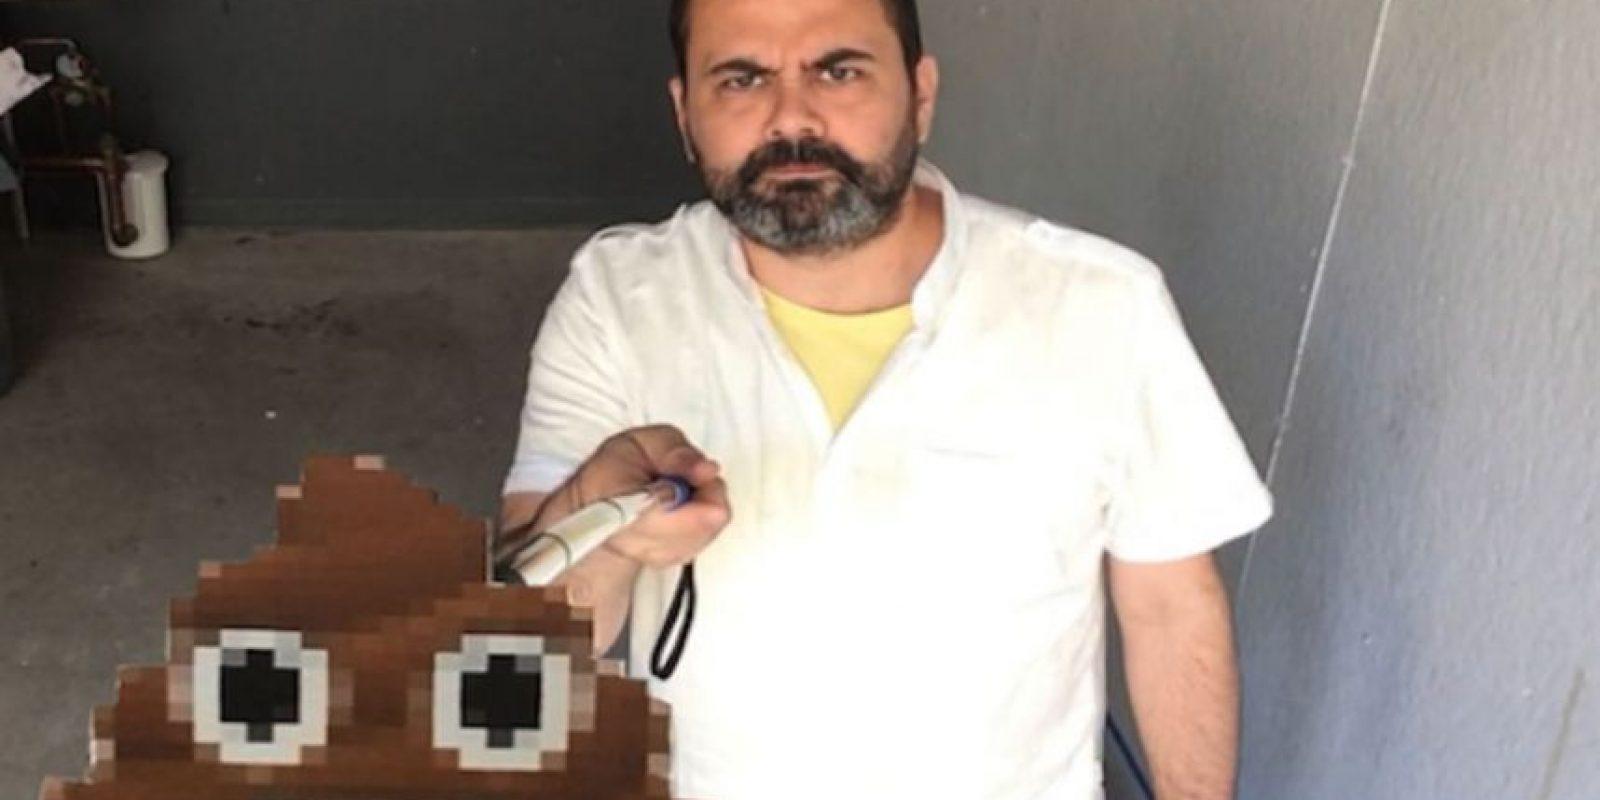 Al respecto, Pablo García, practicante de maestro de arte en Chicago, criticó el significado de este objeto utilizando emojis en un video Foto:Vimeo / Pablo García